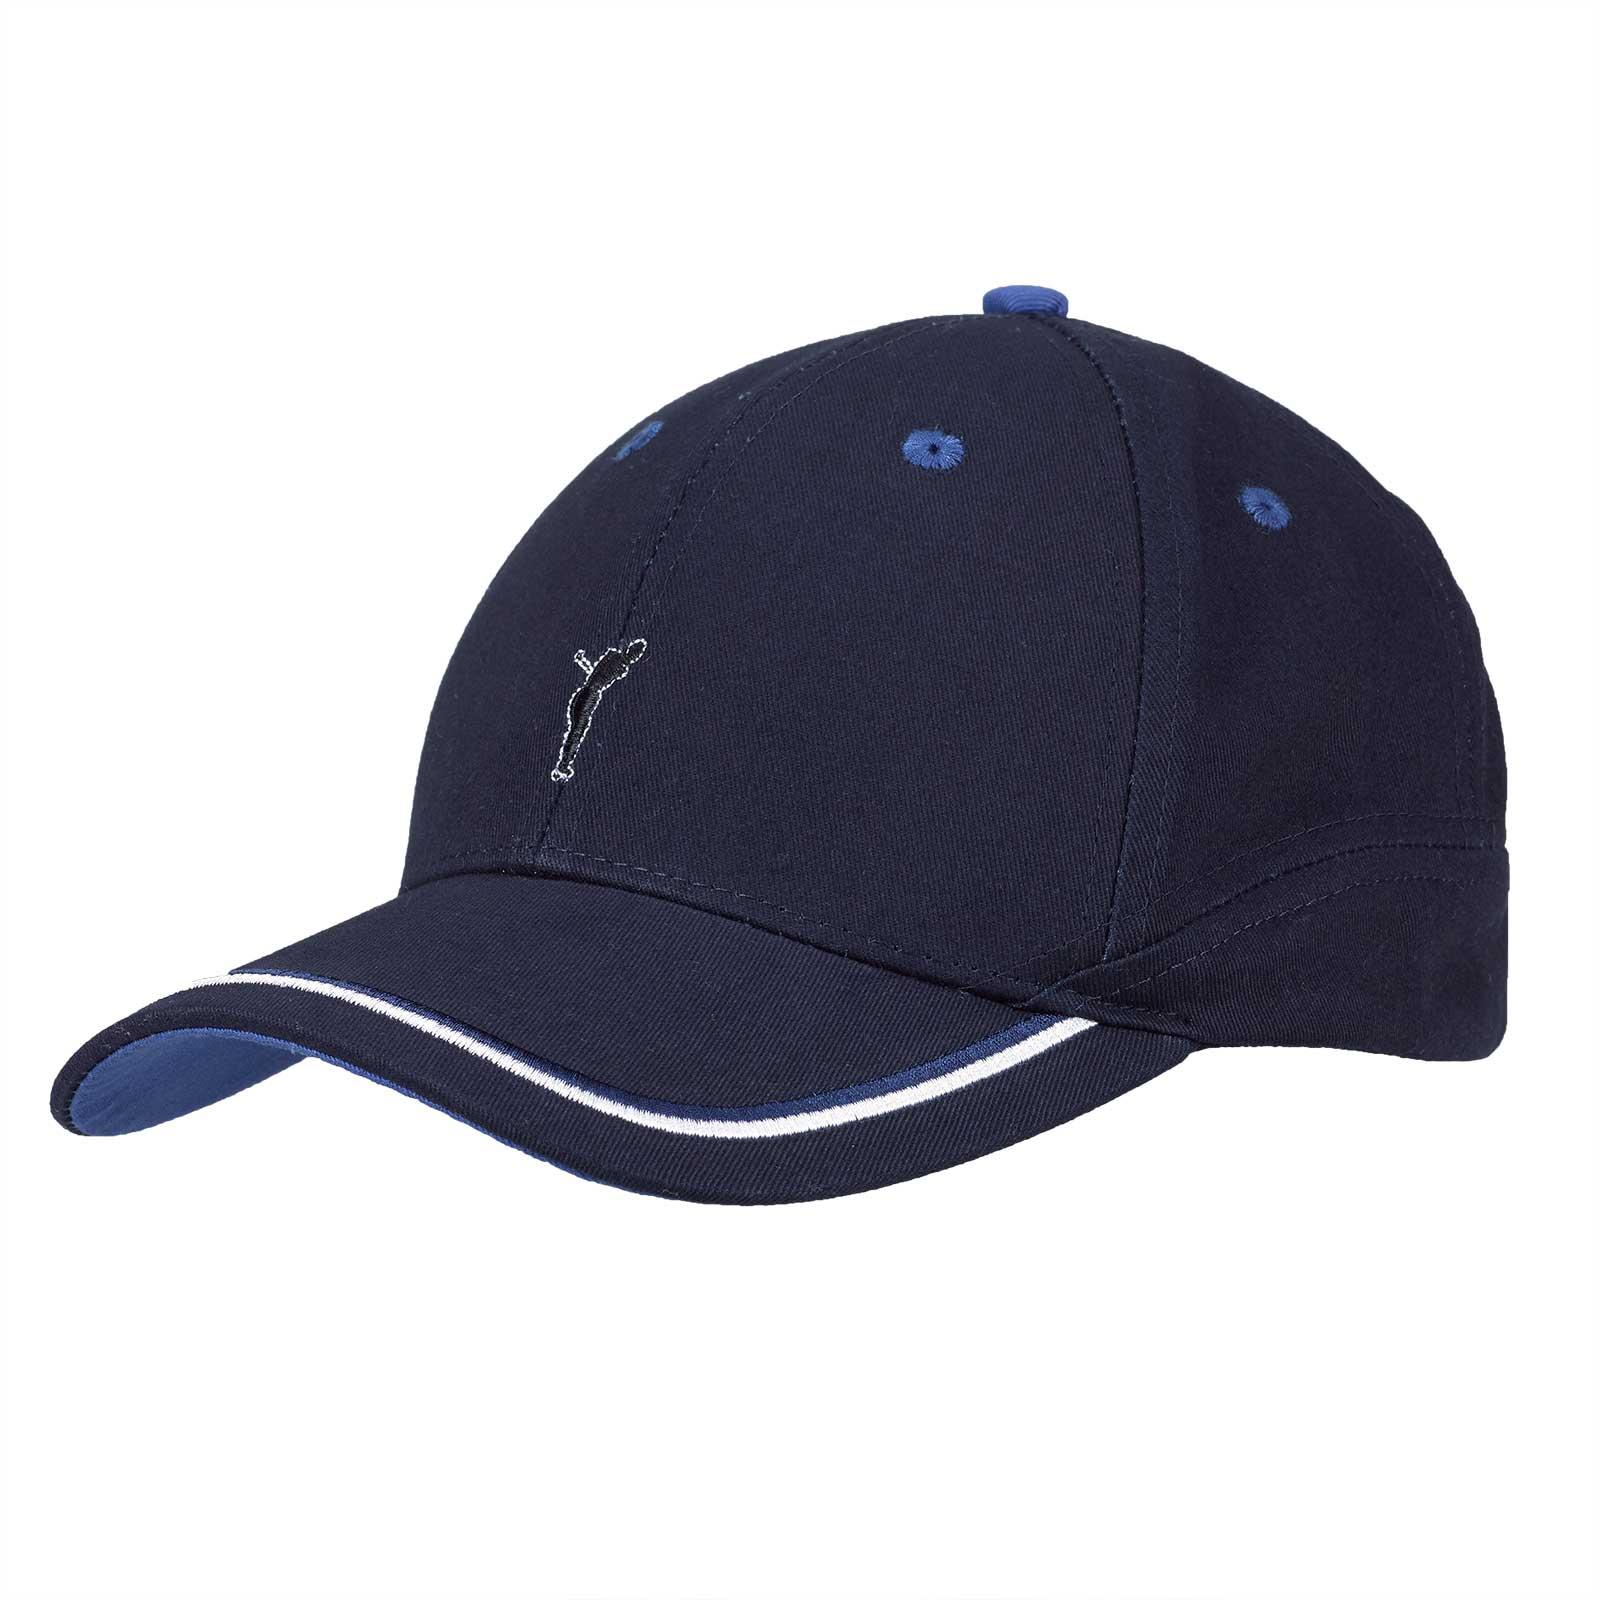 Herren Baumwoll Logo-Golfcap Onesize